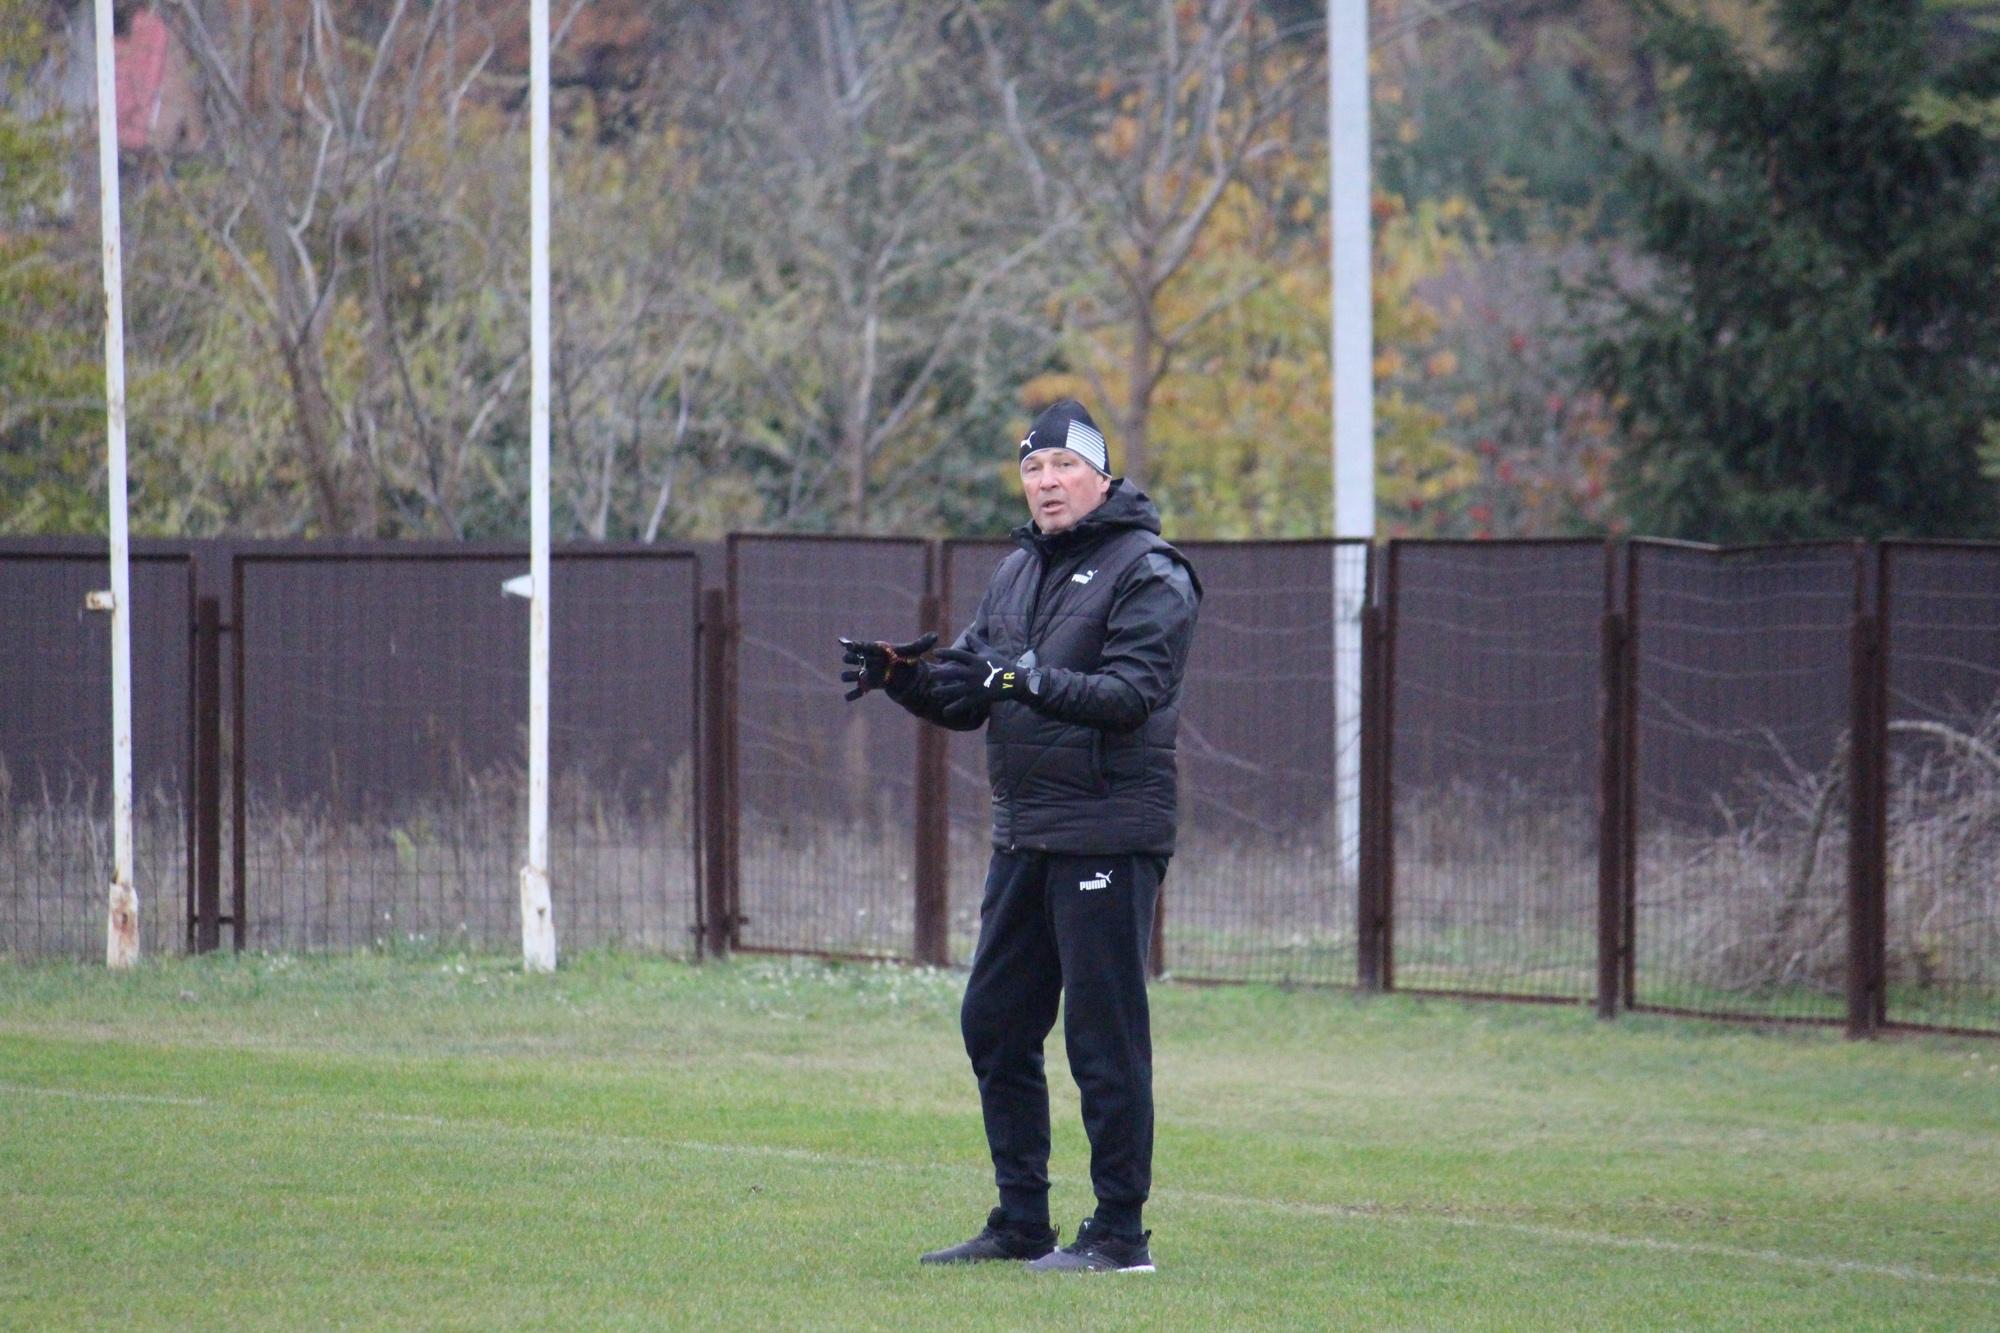 Юрій Бакалов: «Всі прекрасно знають, що ми будуємо нову команду»